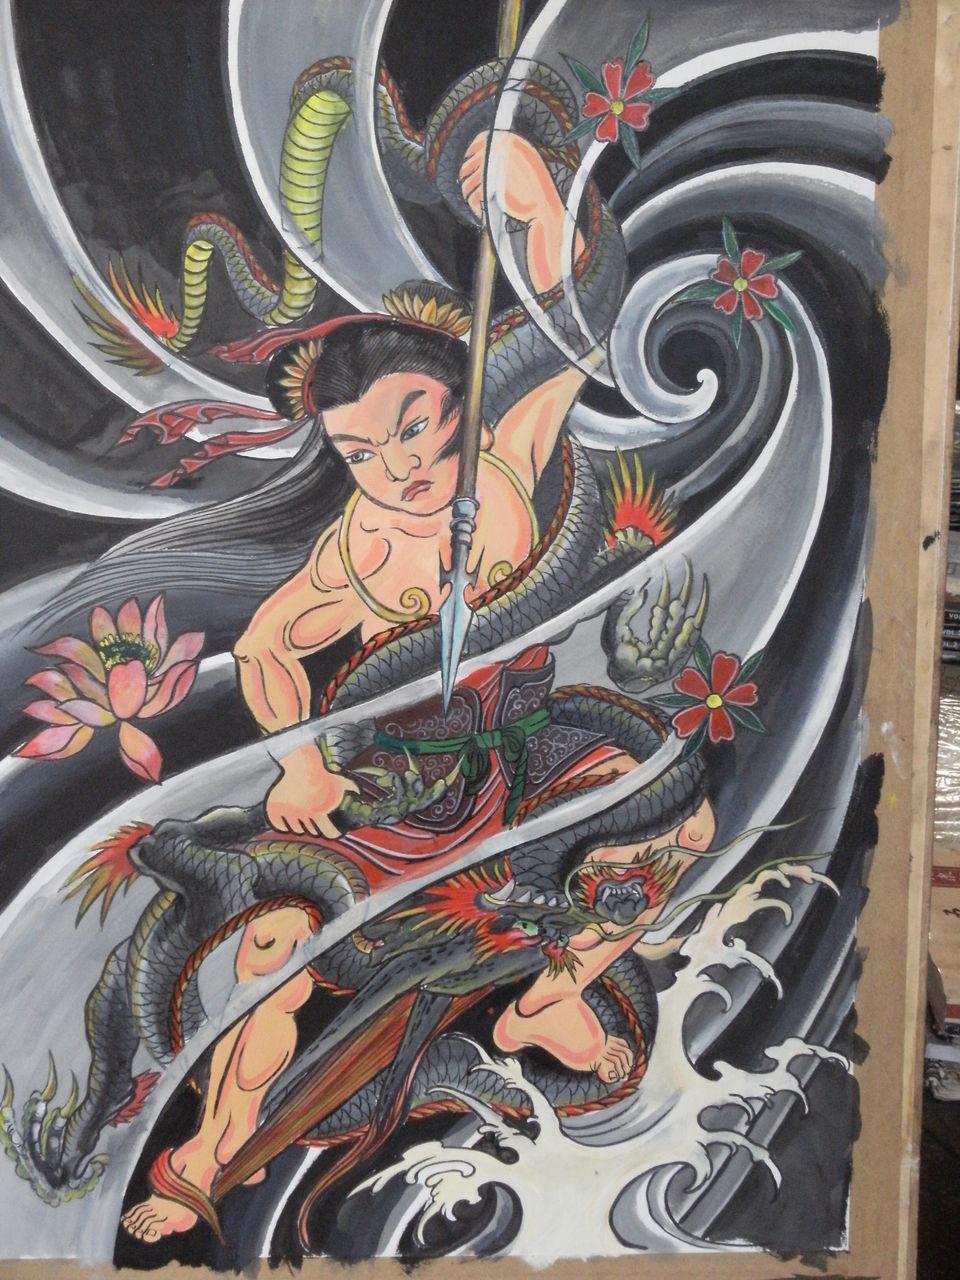 八臂哪吒纹身手稿图分享展示图片